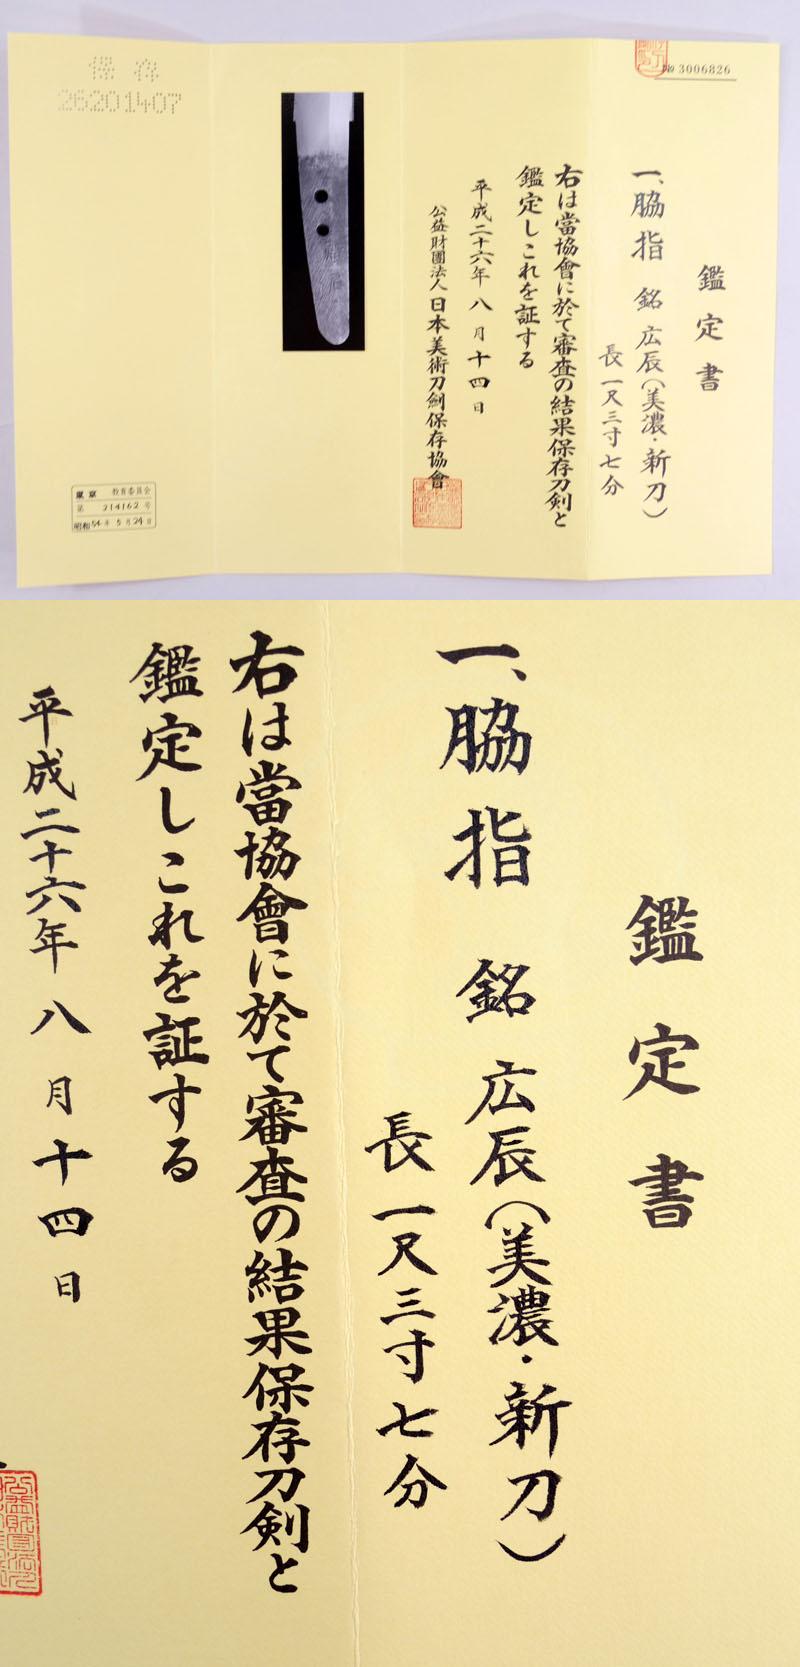 広辰(美濃) Picture of Certificate